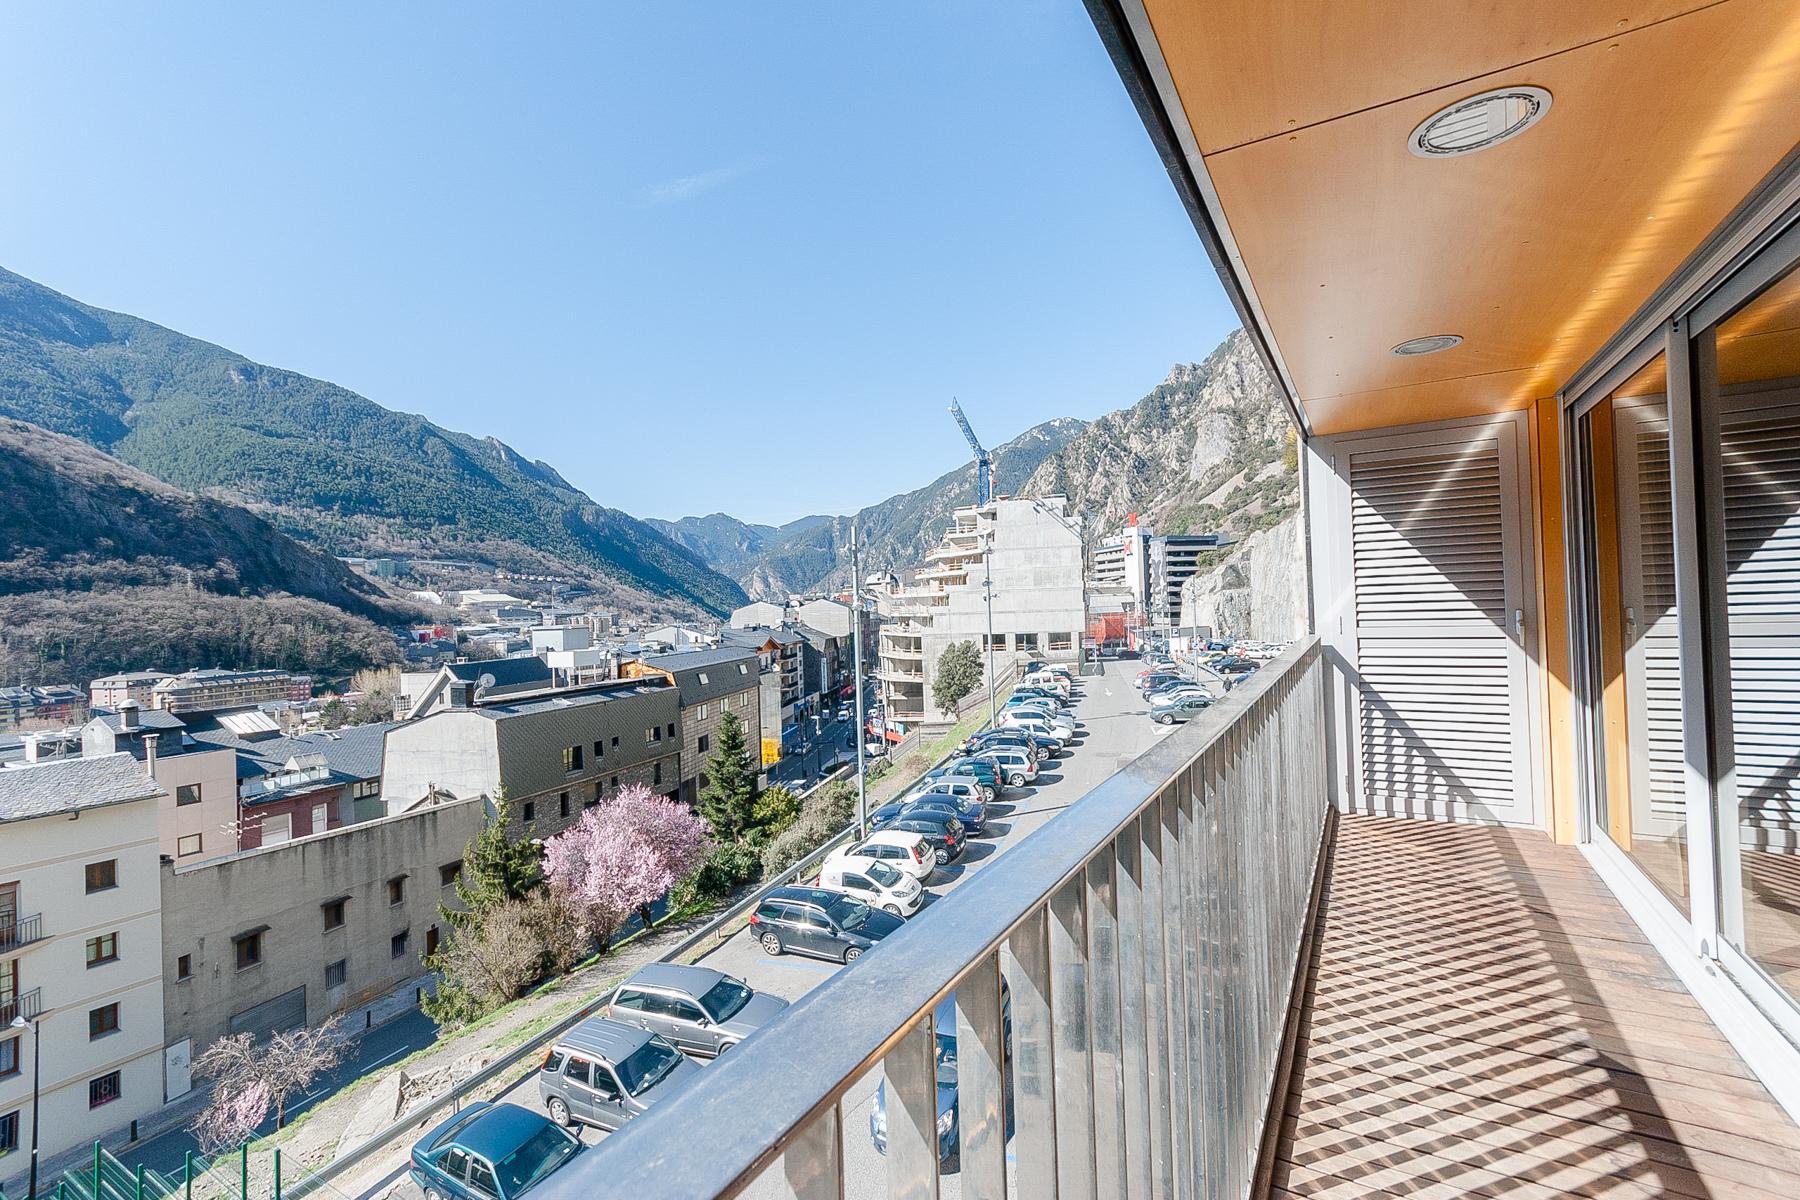 Wohnung für Verkauf beim Flat for sale in Andorra la Vella Andorra La Vella, Andorra La Vella, AD500 Andorra